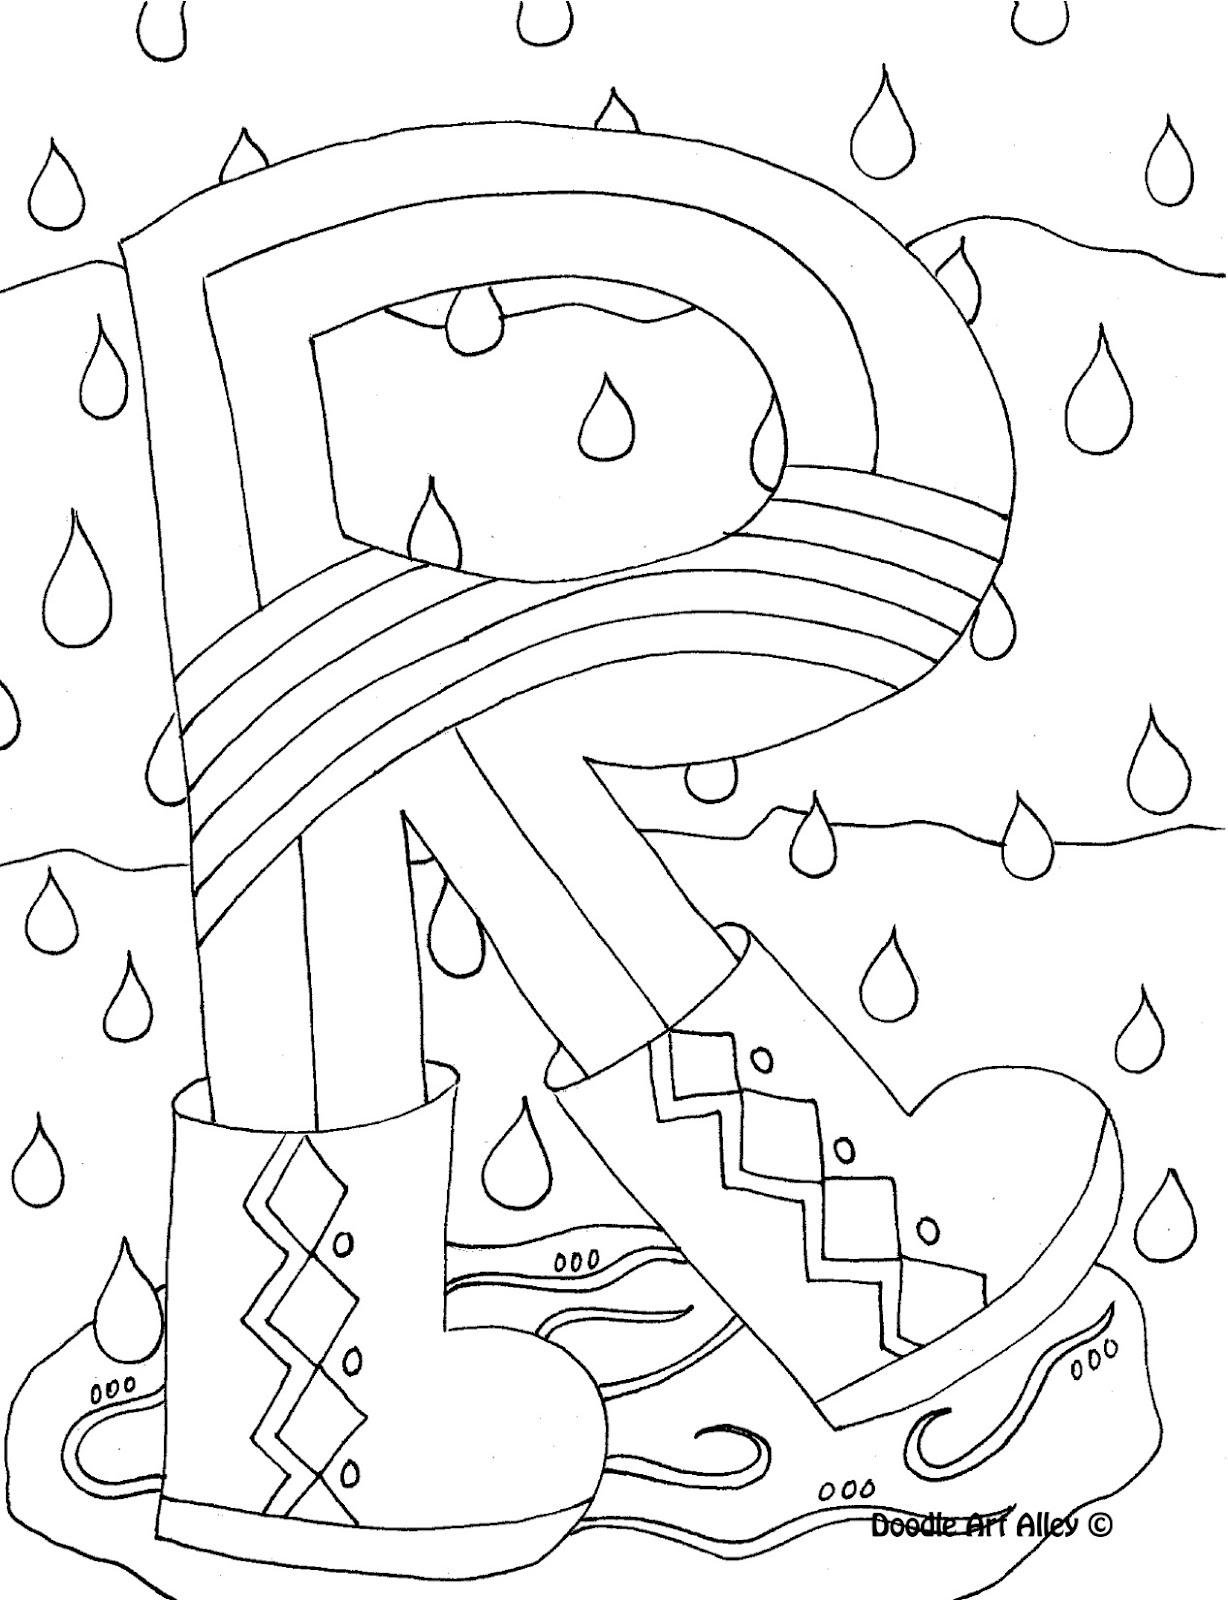 Ser Mais Doodle Emrc